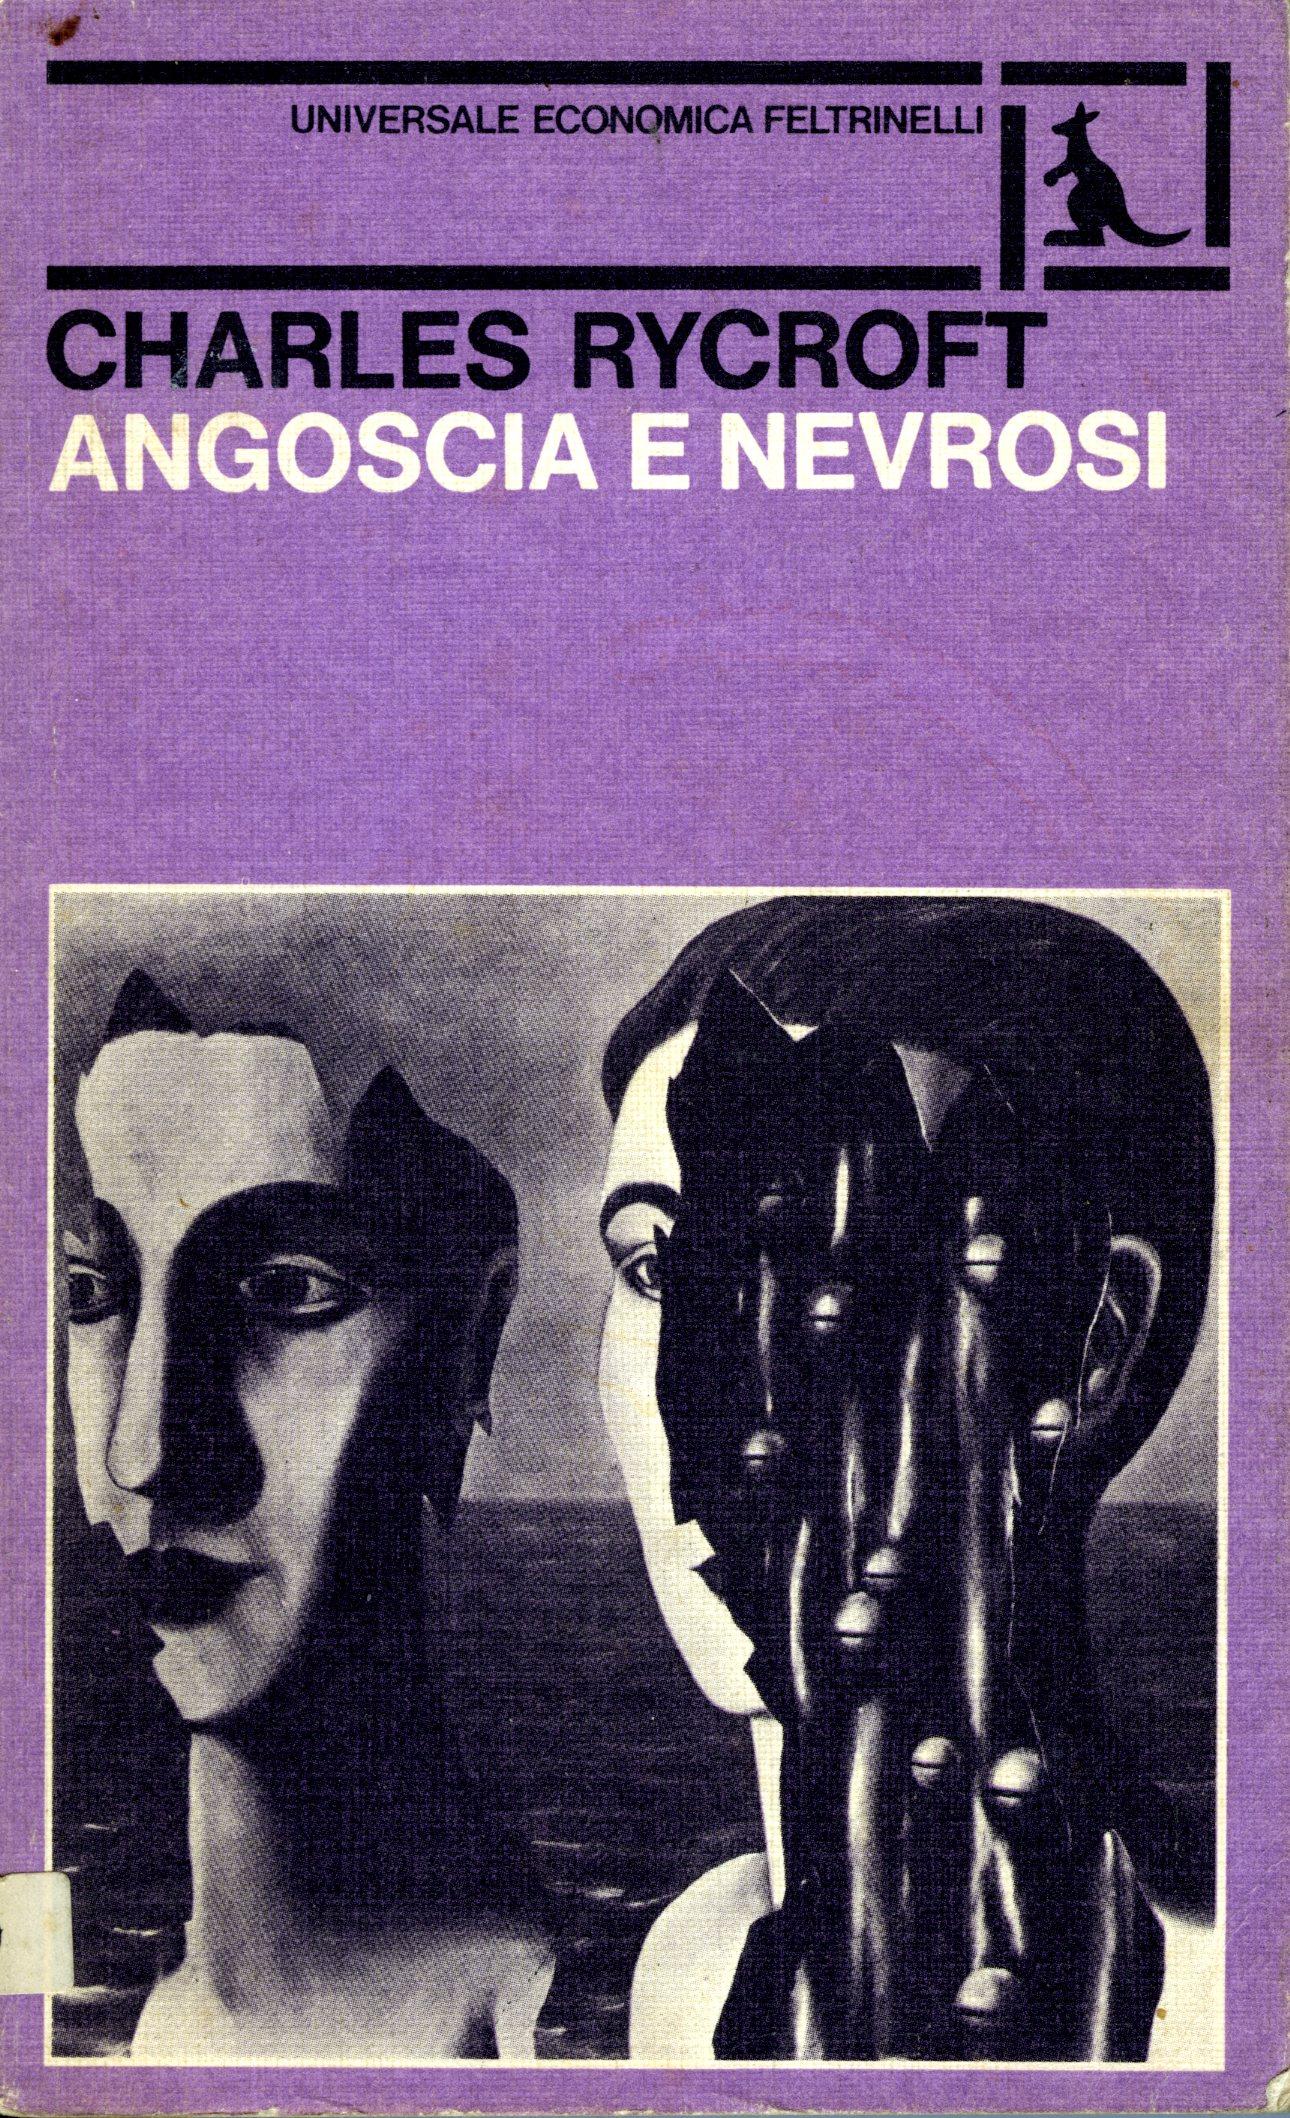 Angoscia e nevrosi